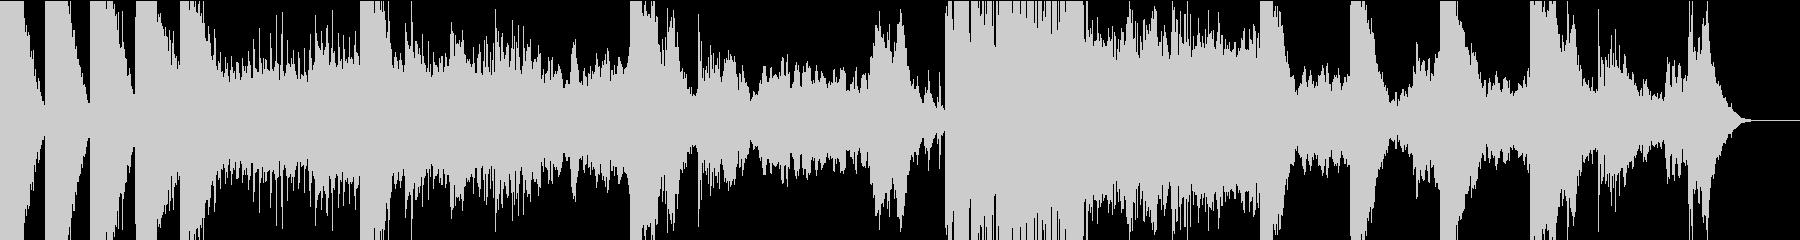 打楽器、シンセのダークなイメージの楽曲の未再生の波形